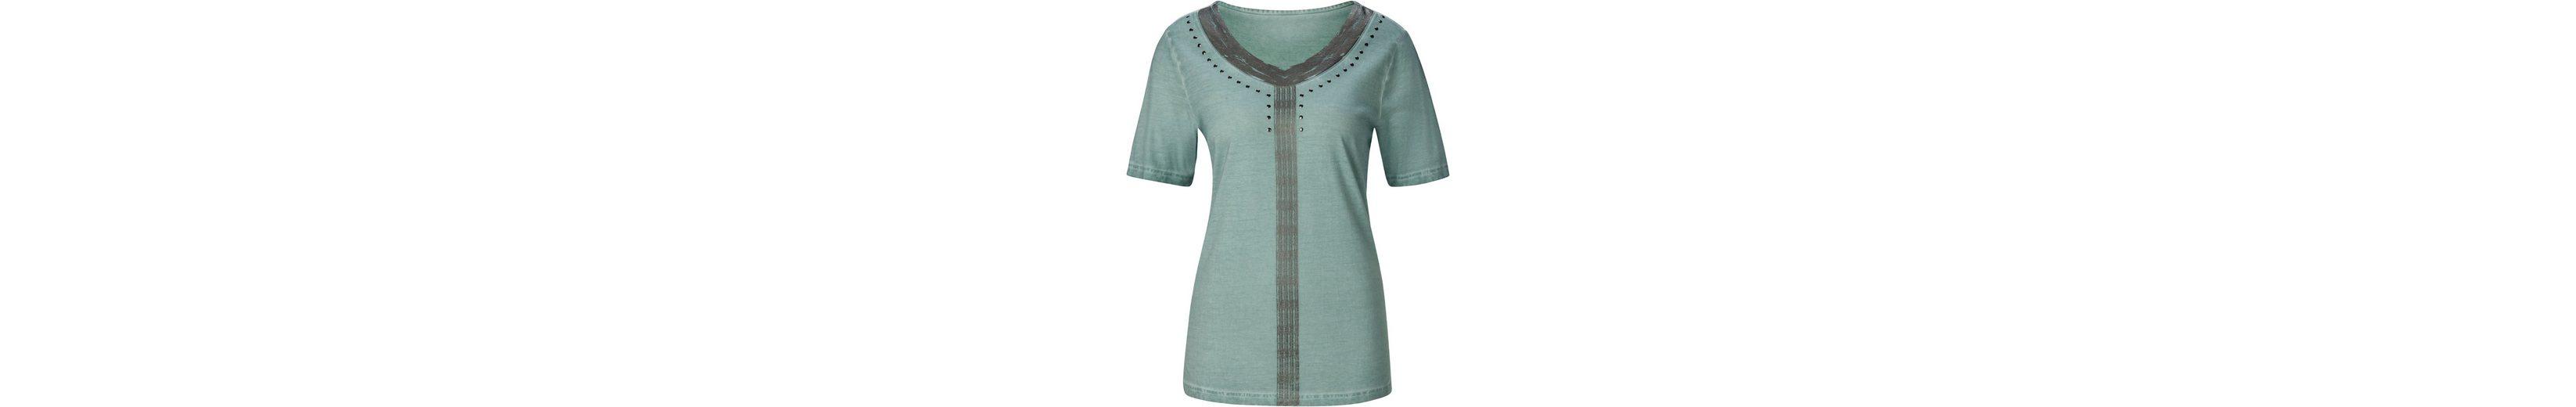 Classic Inspirationen Shirt mit Pailletten Gut Verkaufen Zu Verkaufen Günstig Kaufen Visum Zahlung AsFRke